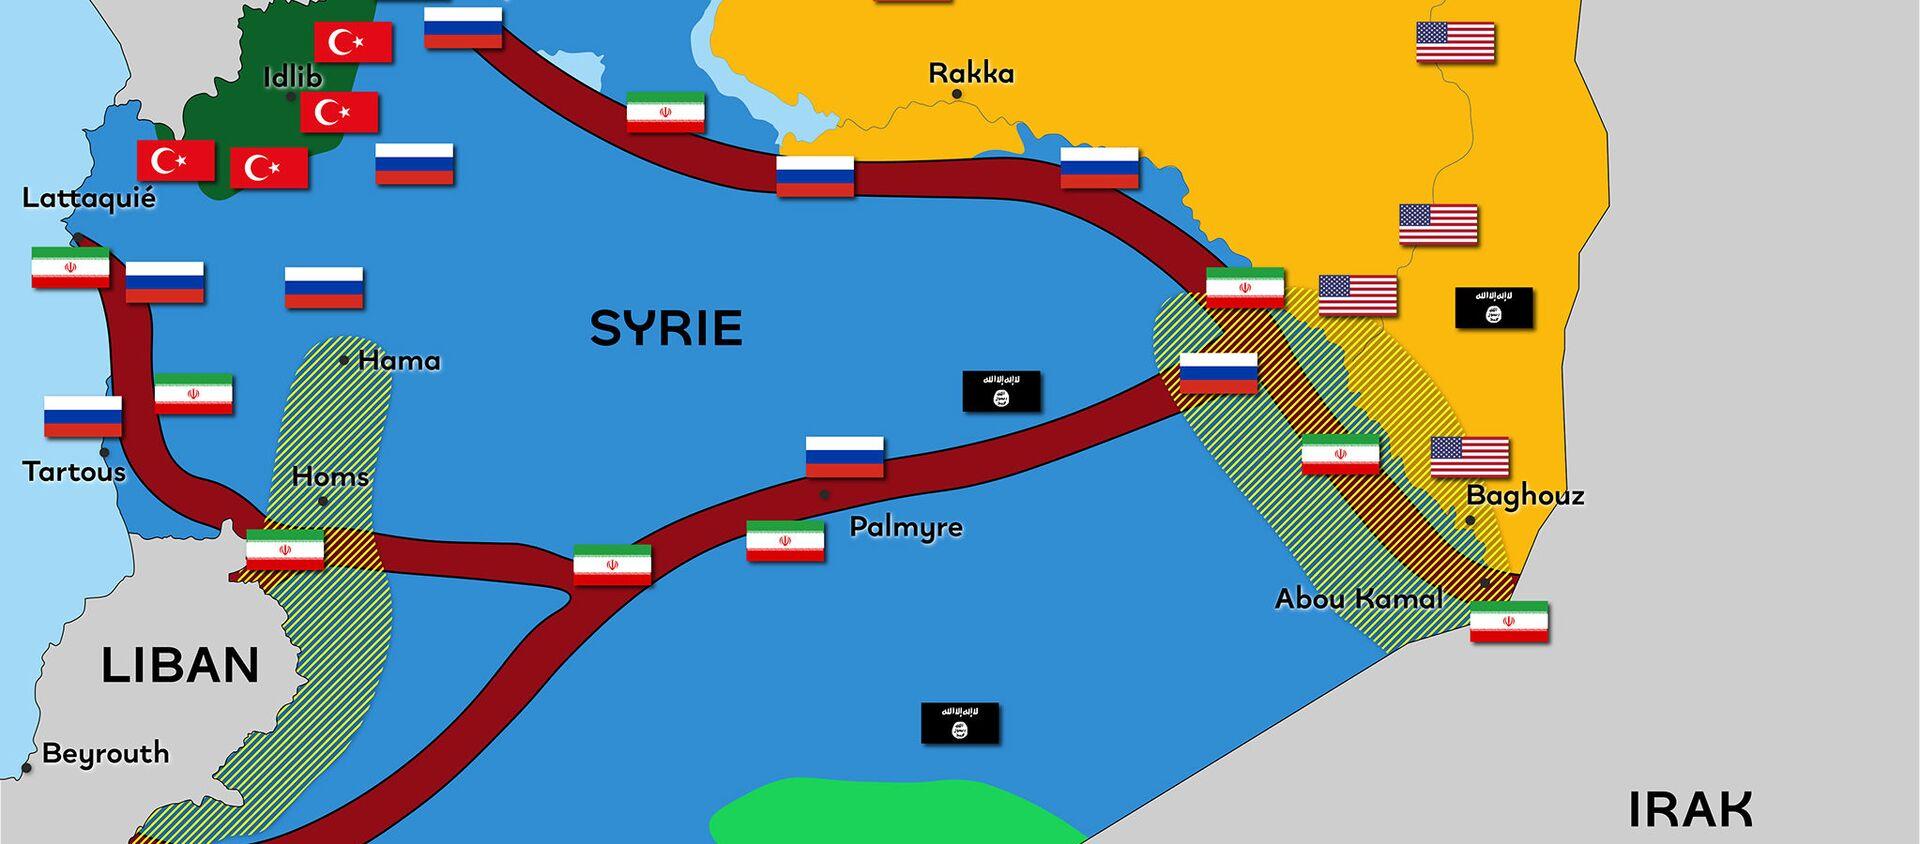 Syrie : un territoire fragmenté par de nombreuses puissances - Sputnik France, 1920, 16.03.2021